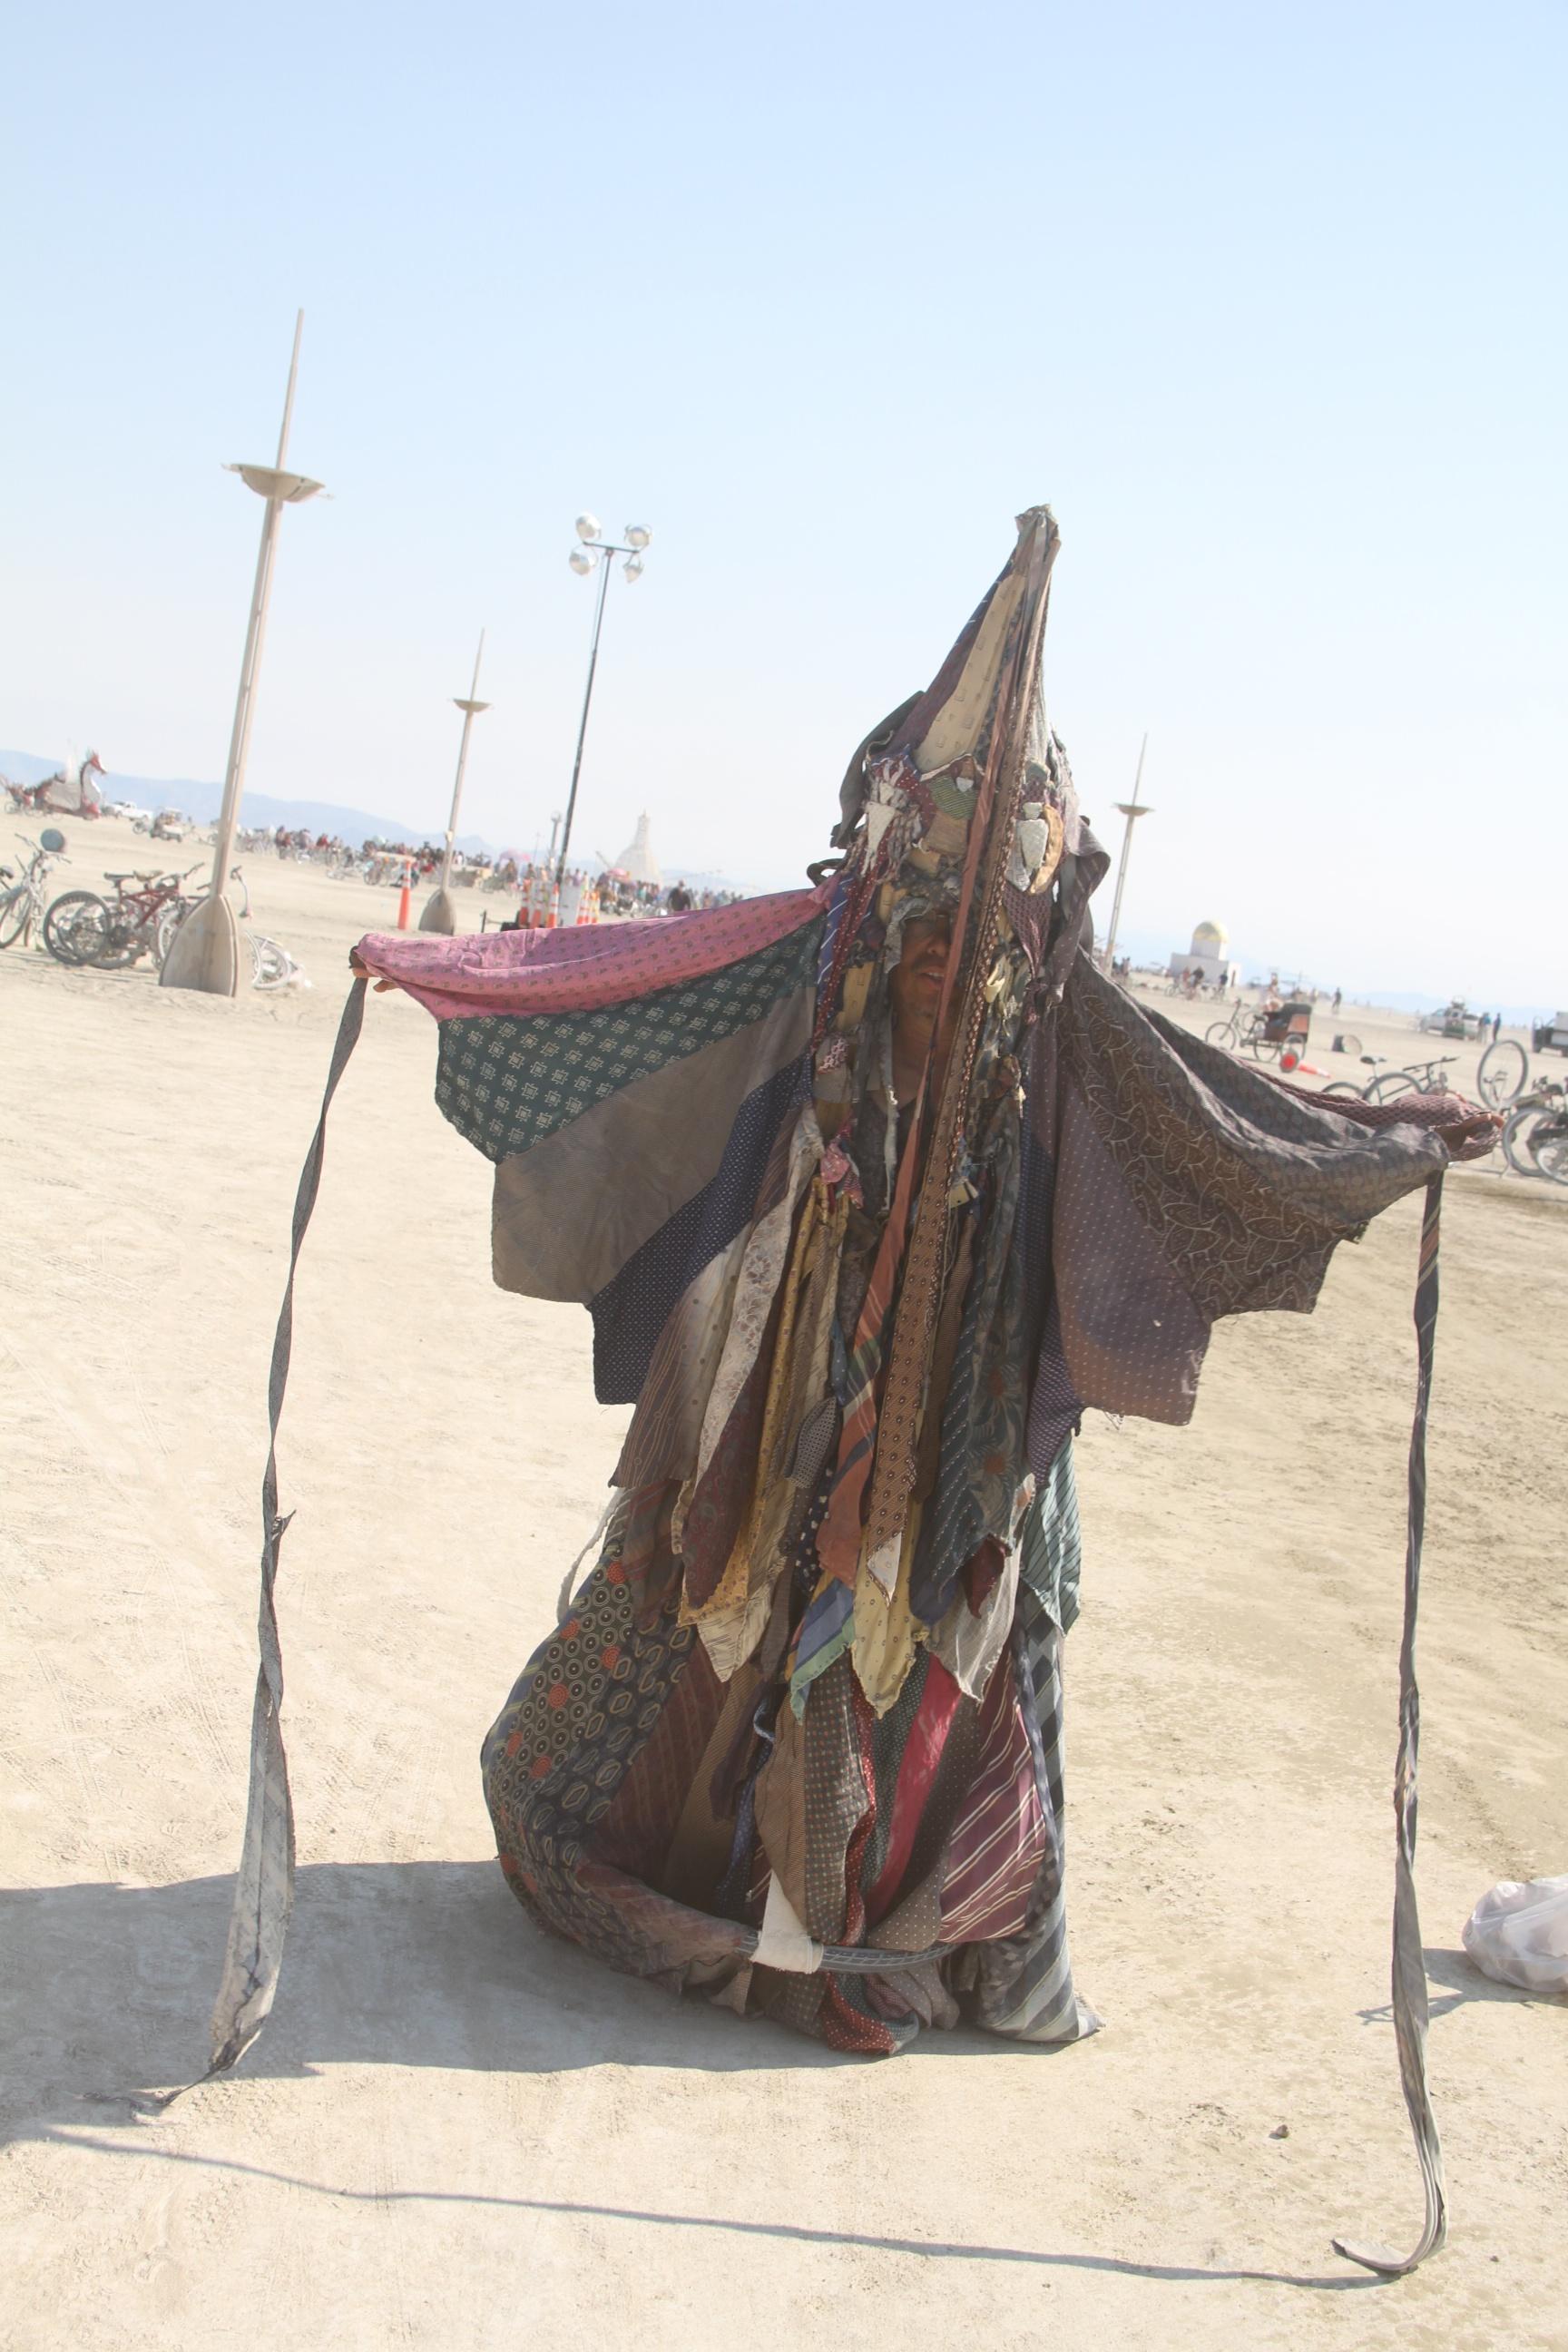 Ghost at Burning Man 2014